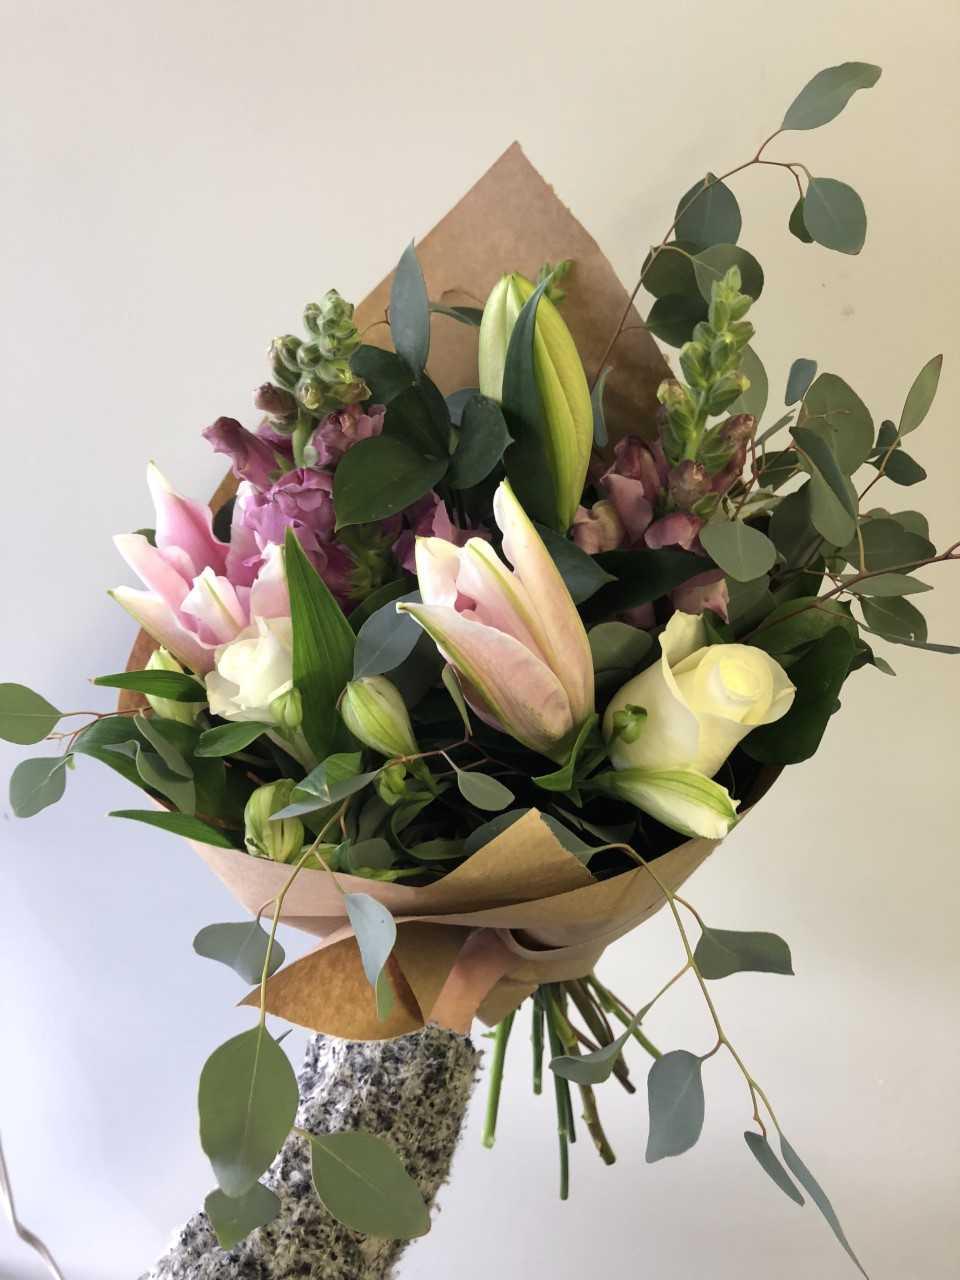 soft v day bouquet.jpg